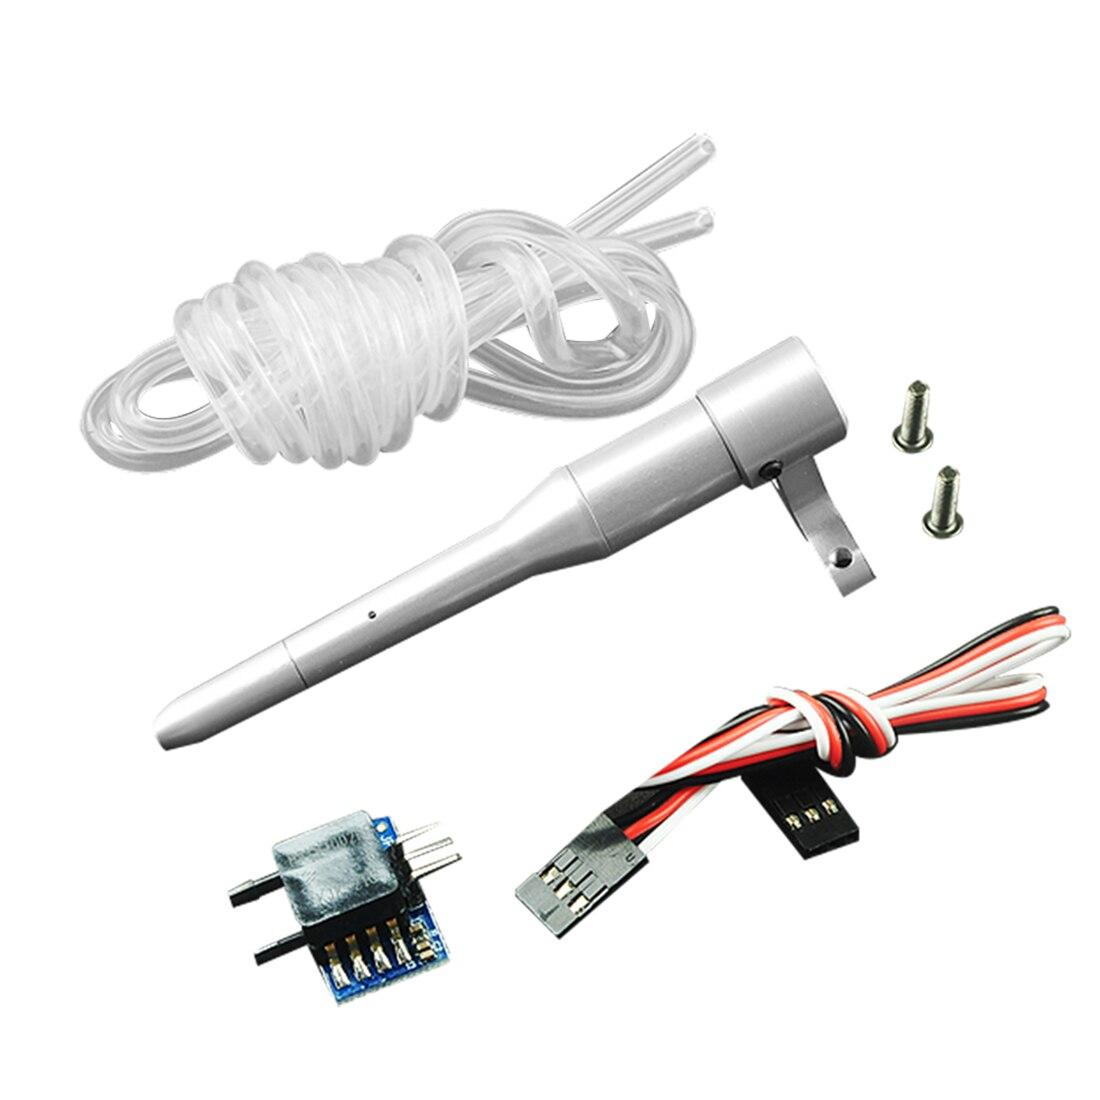 Трубка JMT PT60 Pitot, измеритель скорости воздуха, набор датчиков скорости, трубка для APM PX4, Контроллер полета, радиоуправляемая модель, Квадроко...